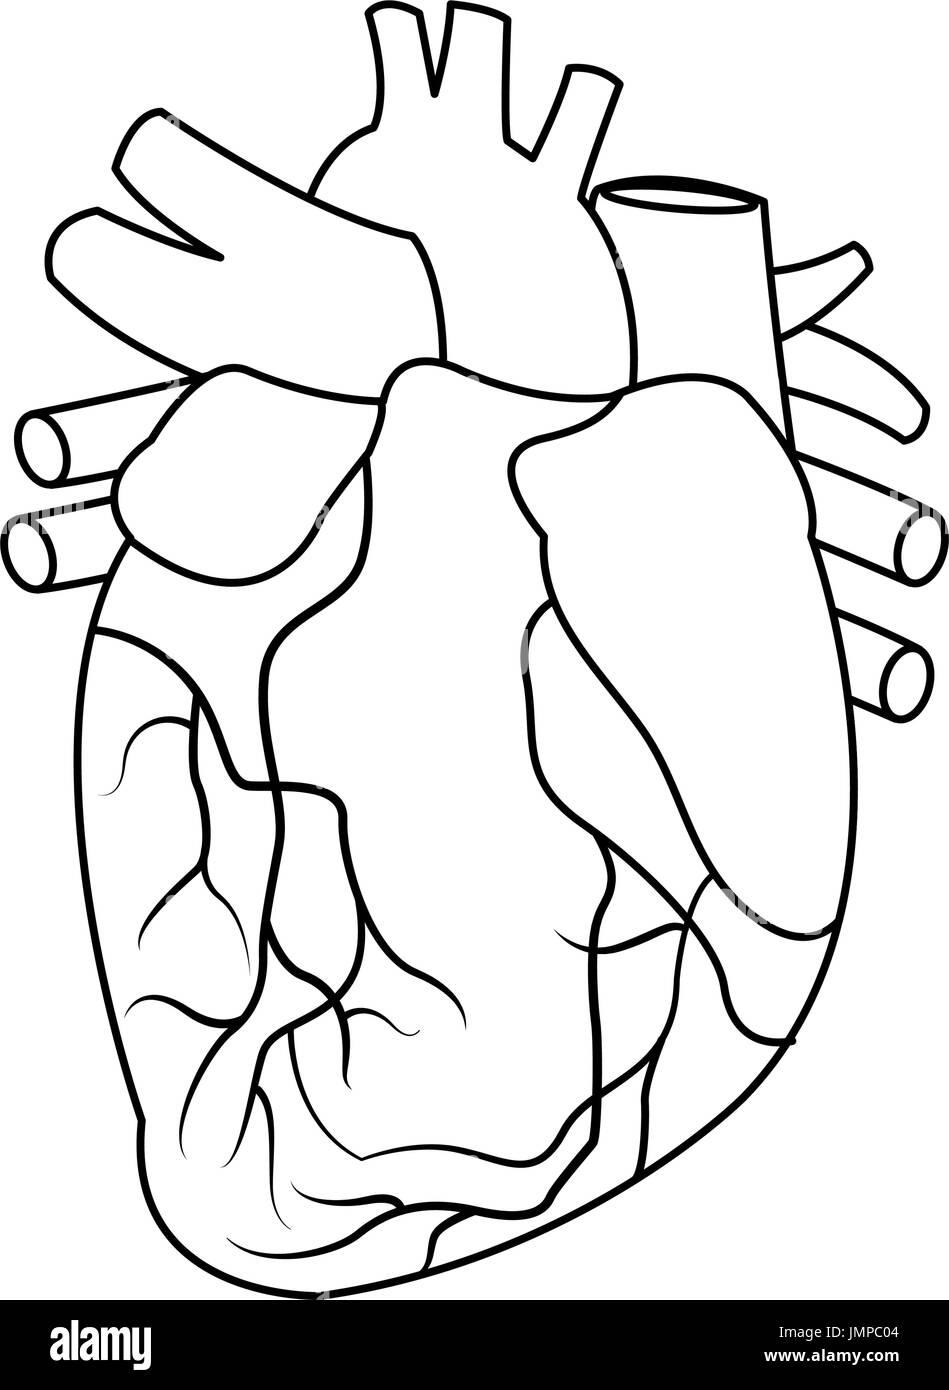 Anatomie des menschlichen Herzens Abbildung Vektor Abbildung - Bild ...